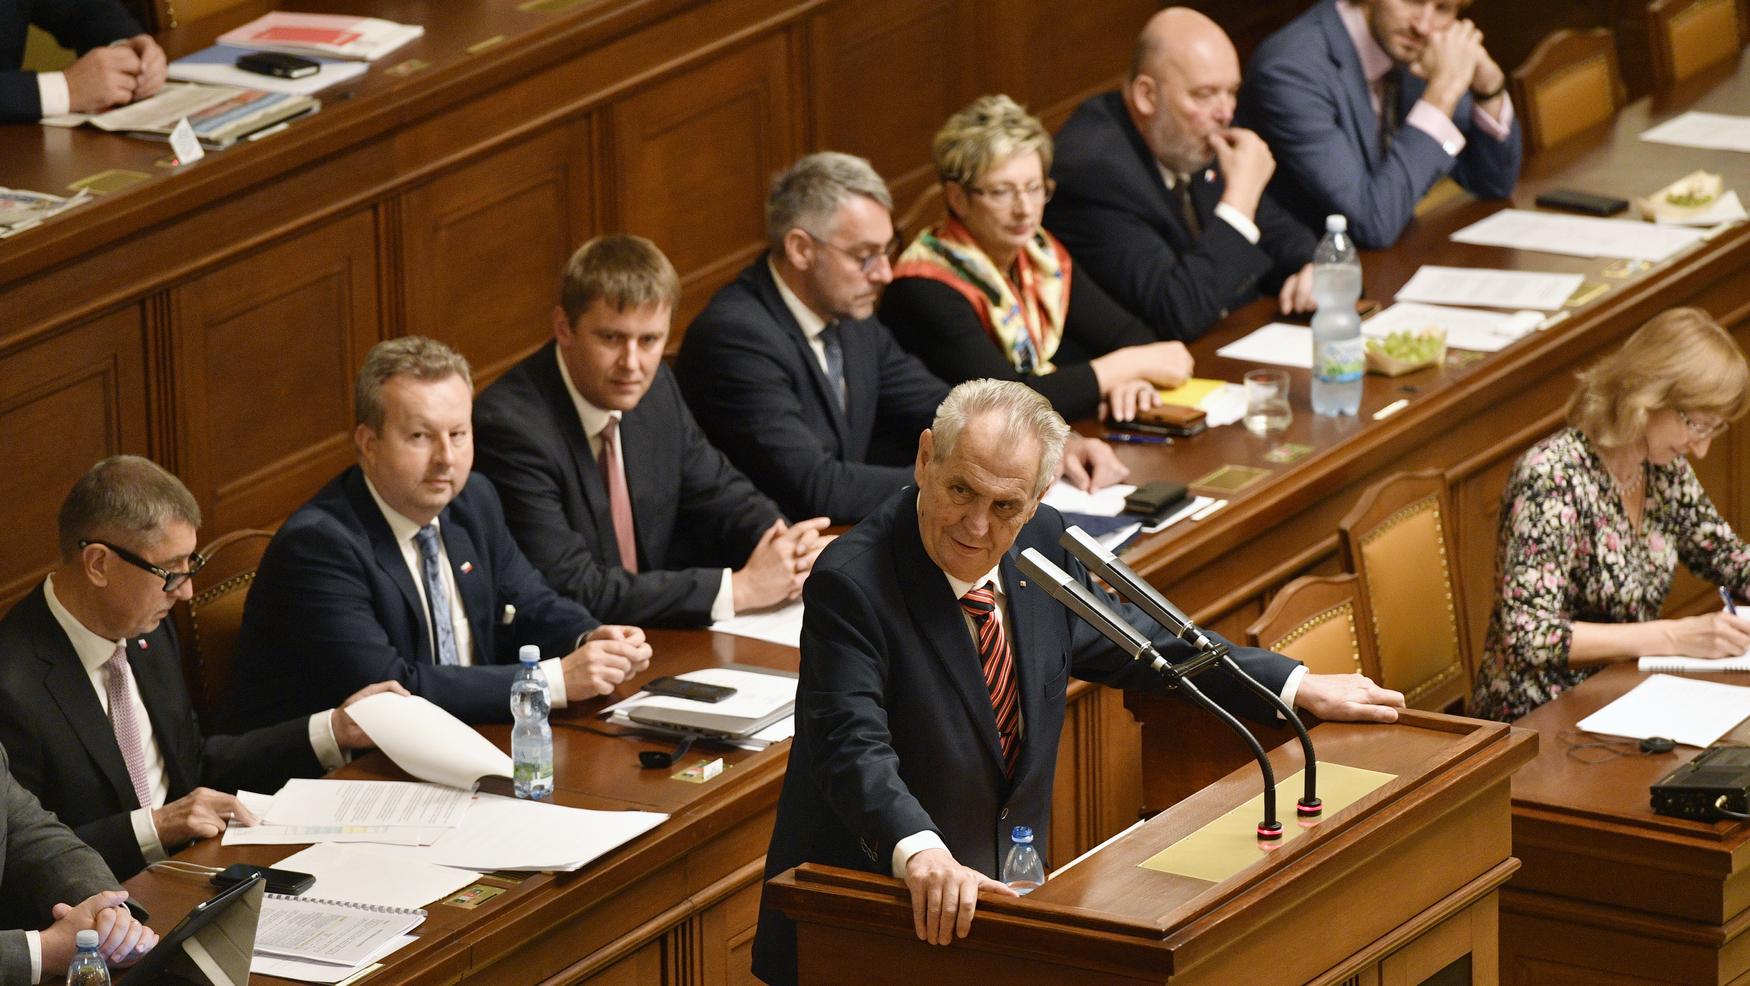 Prezident Miloš Zeman při projevu před poslanci ve sněmovně 24. října 2018